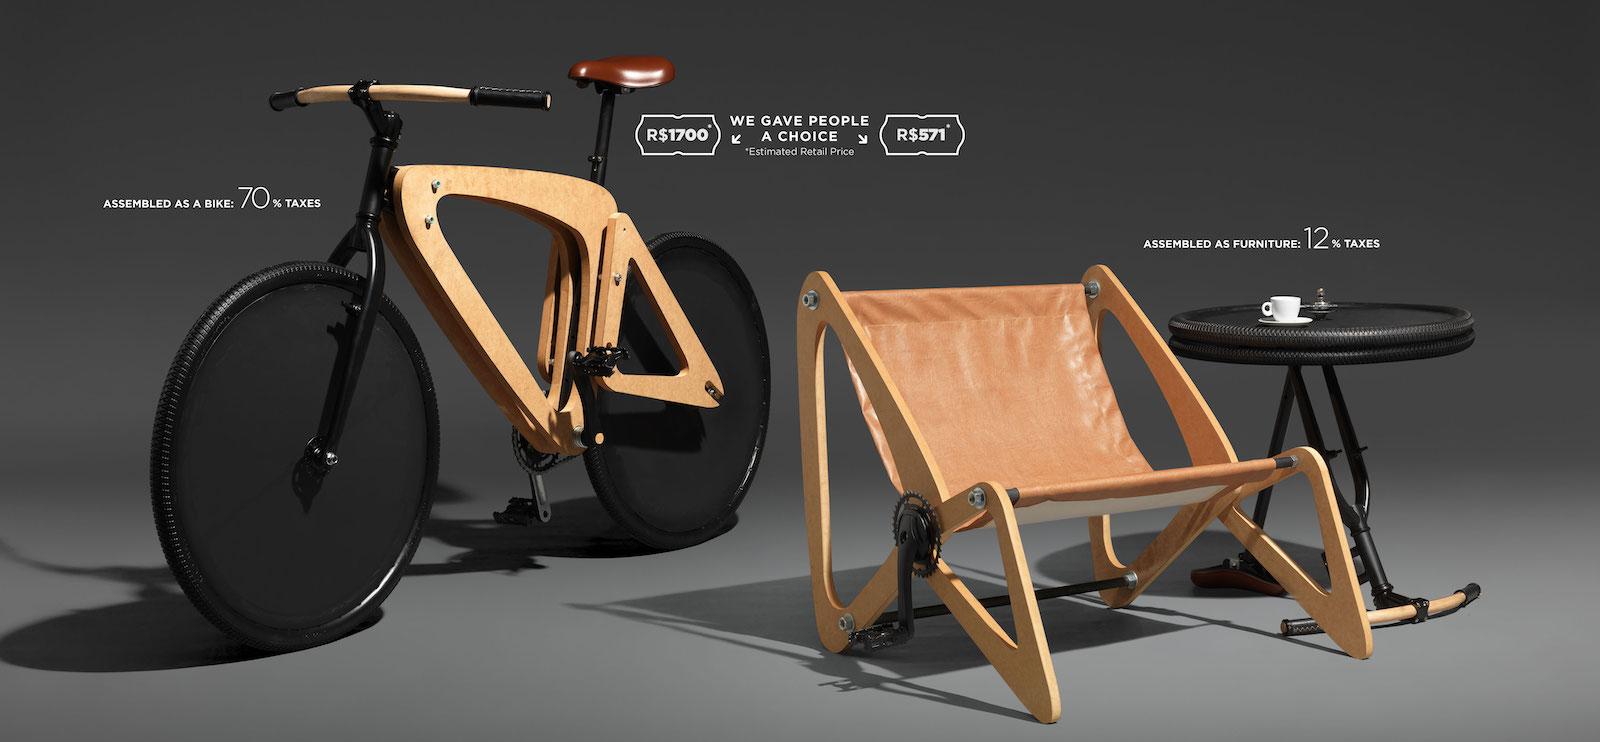 Nábytek, ze kterého můžete složit jízdní kolo, upozorňuje na přemrštěnou daň za kola